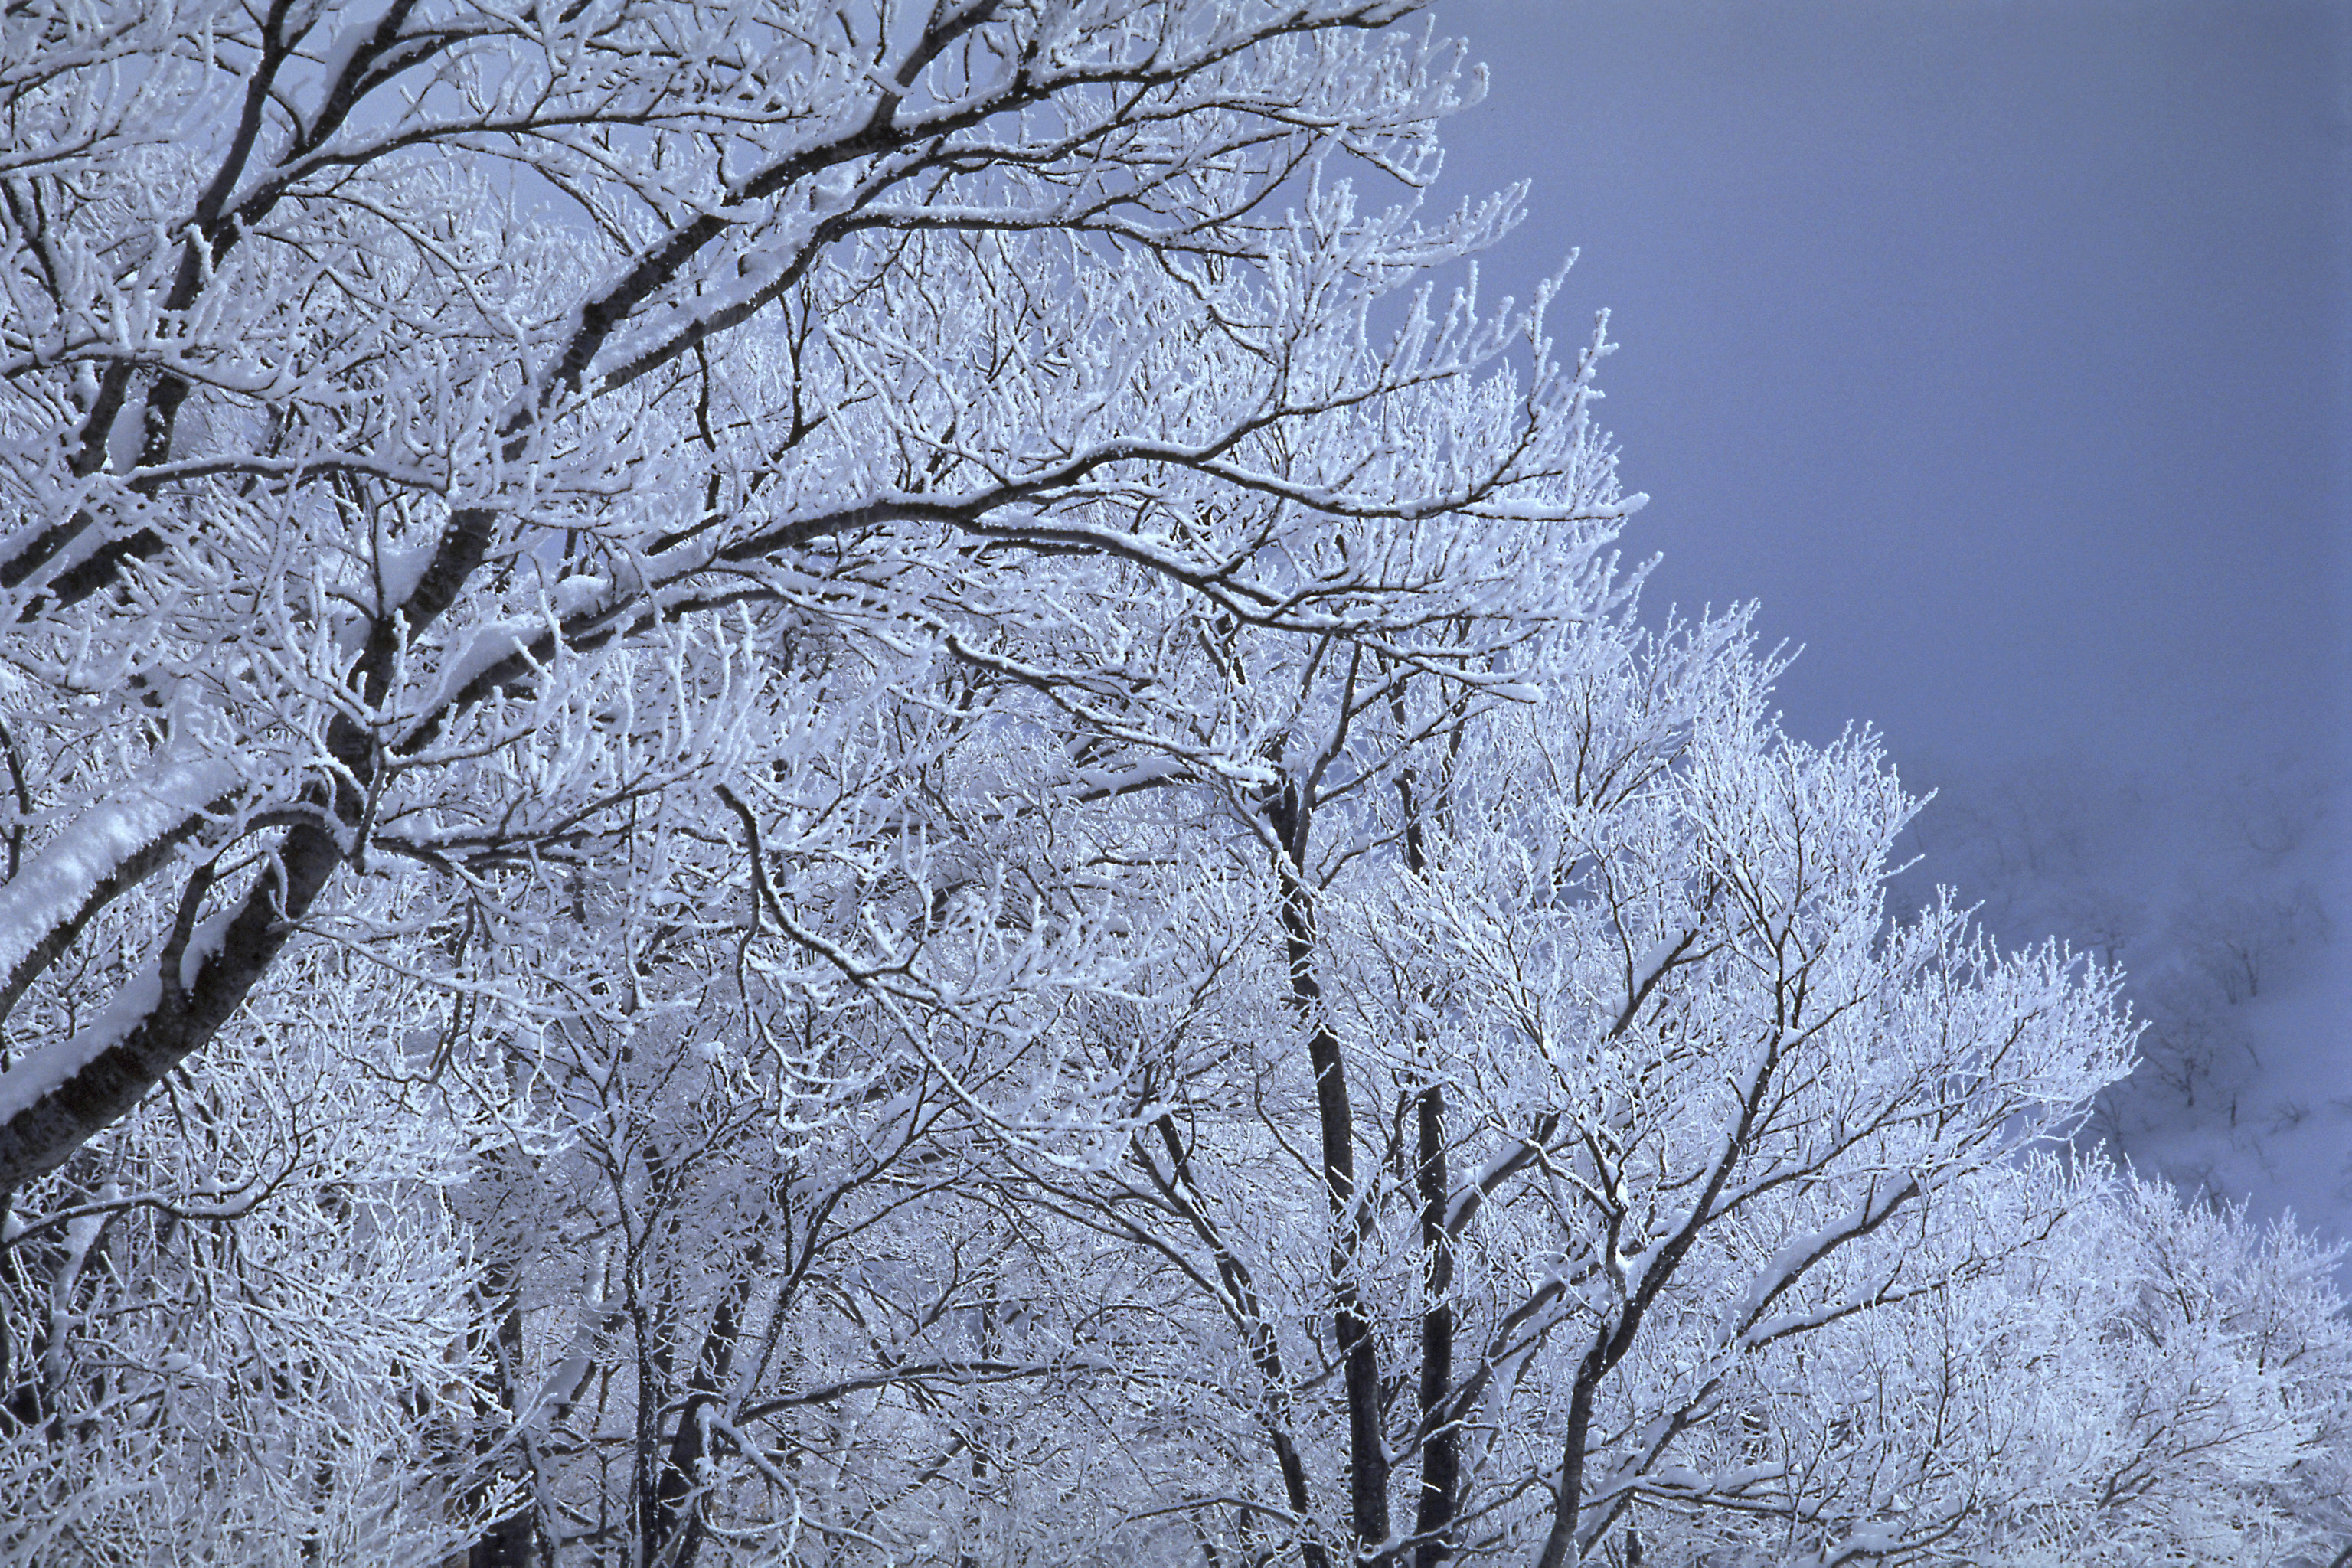 高清频道图片库 冰雪世界 冬日里的风景高清组图欣赏